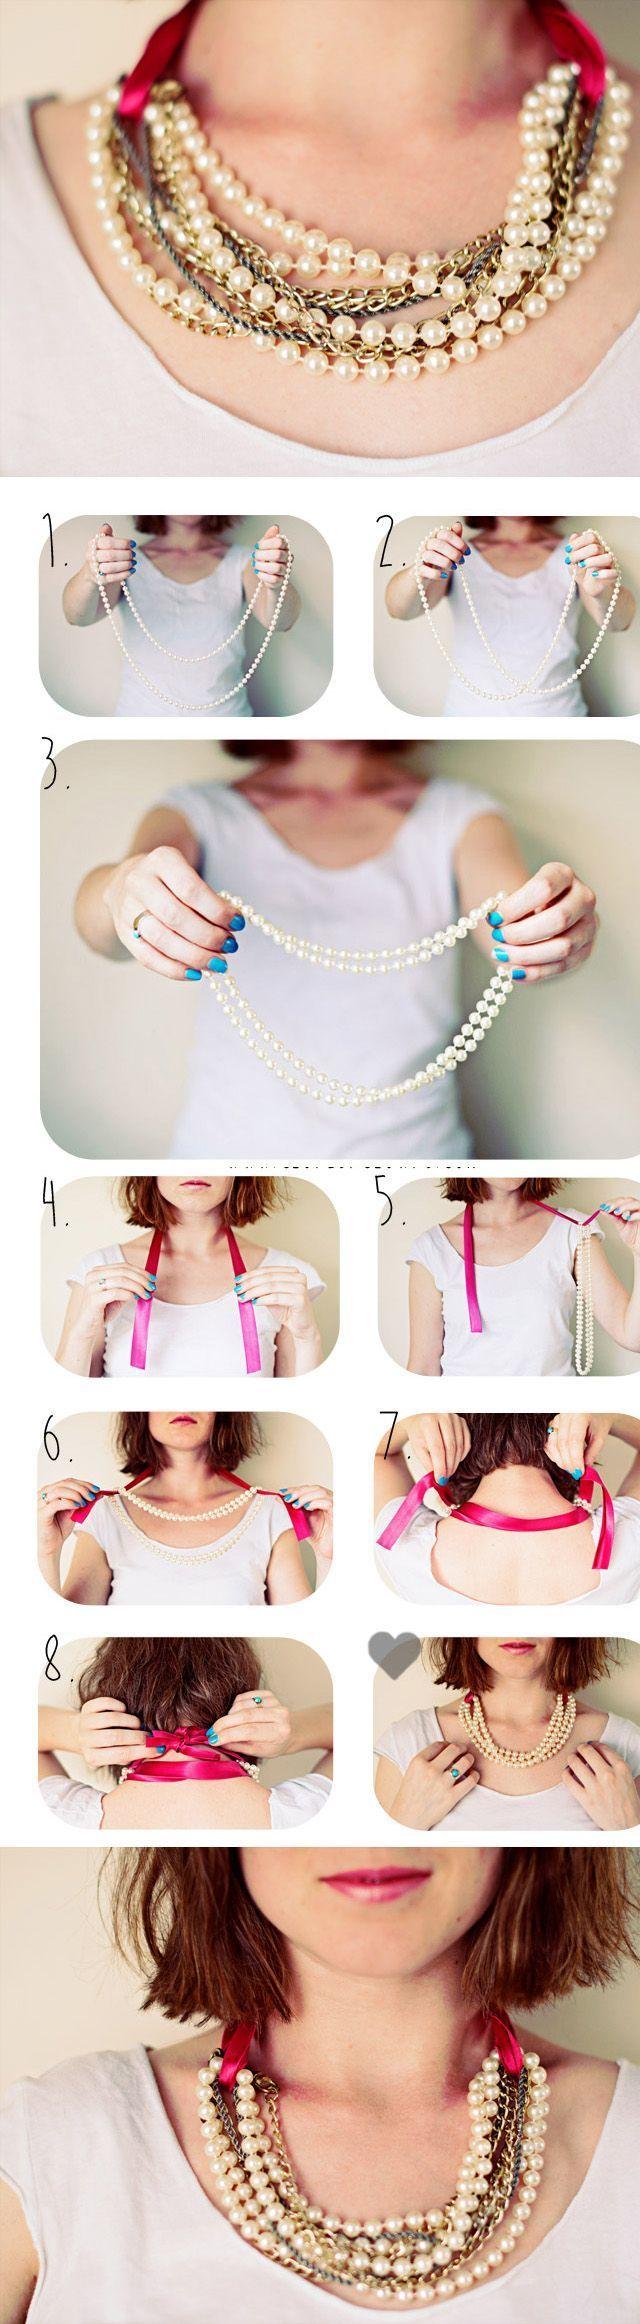 faire collier de perle